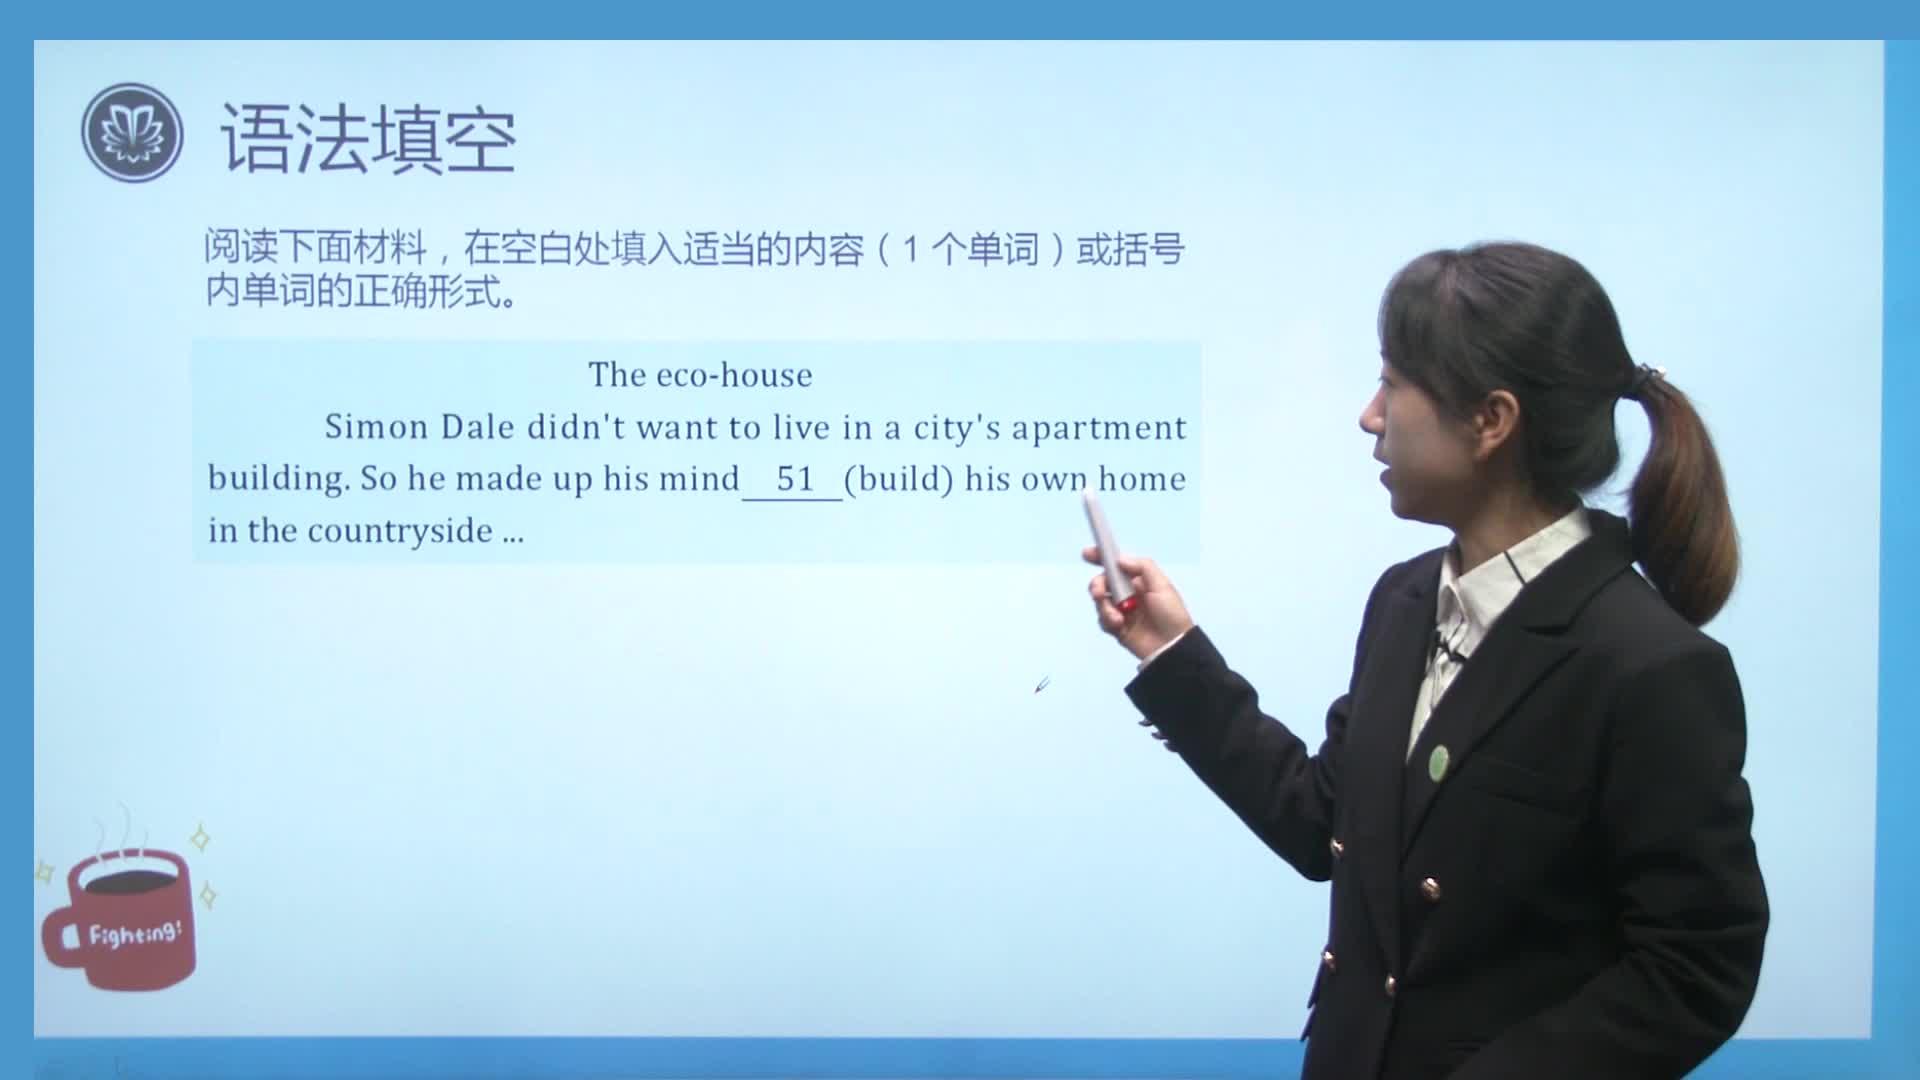 视频2 2019杭州中考英语试卷解析——语法填空&单词拼写-【慕联】2019年杭州市中考英语试卷解析